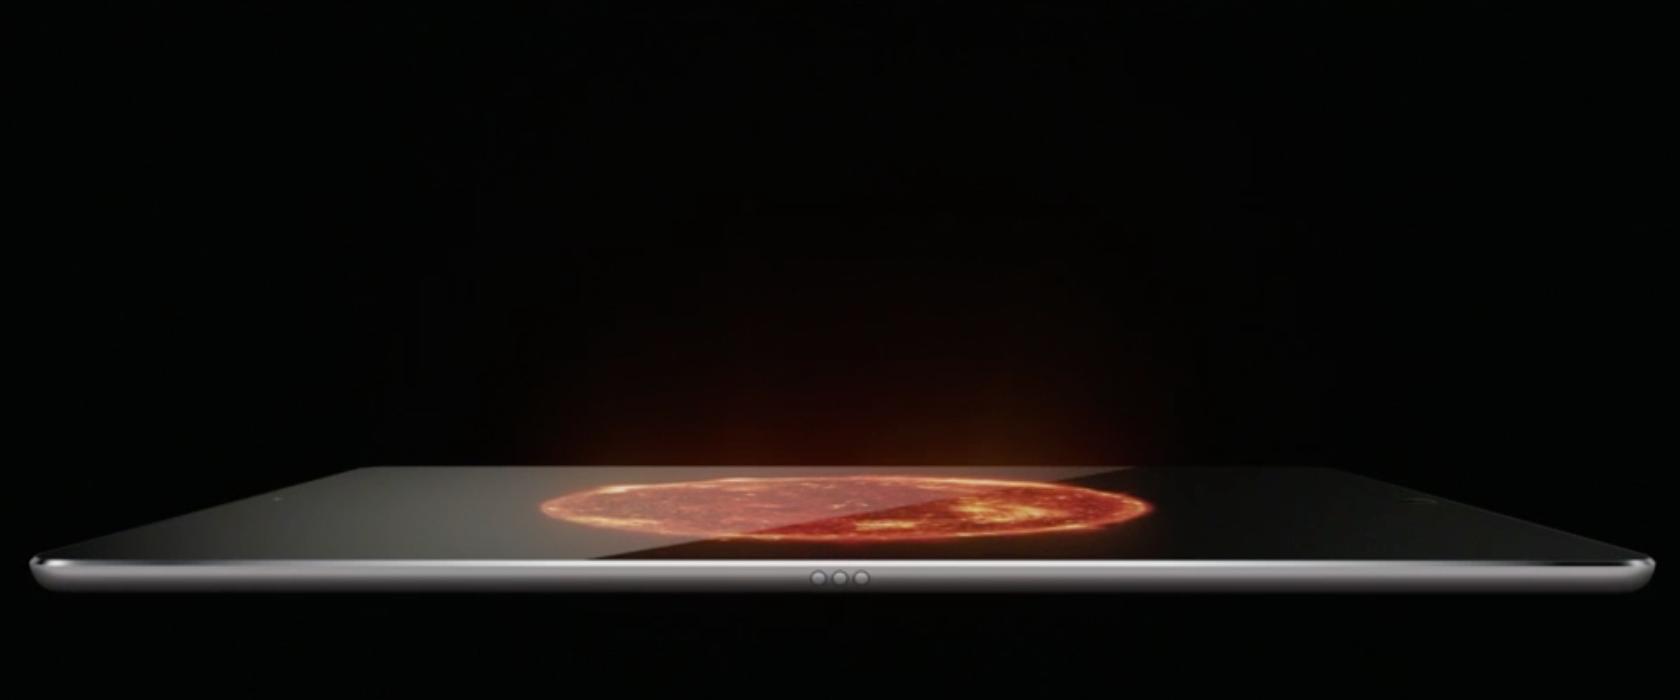 iPad Pro er offisiell.